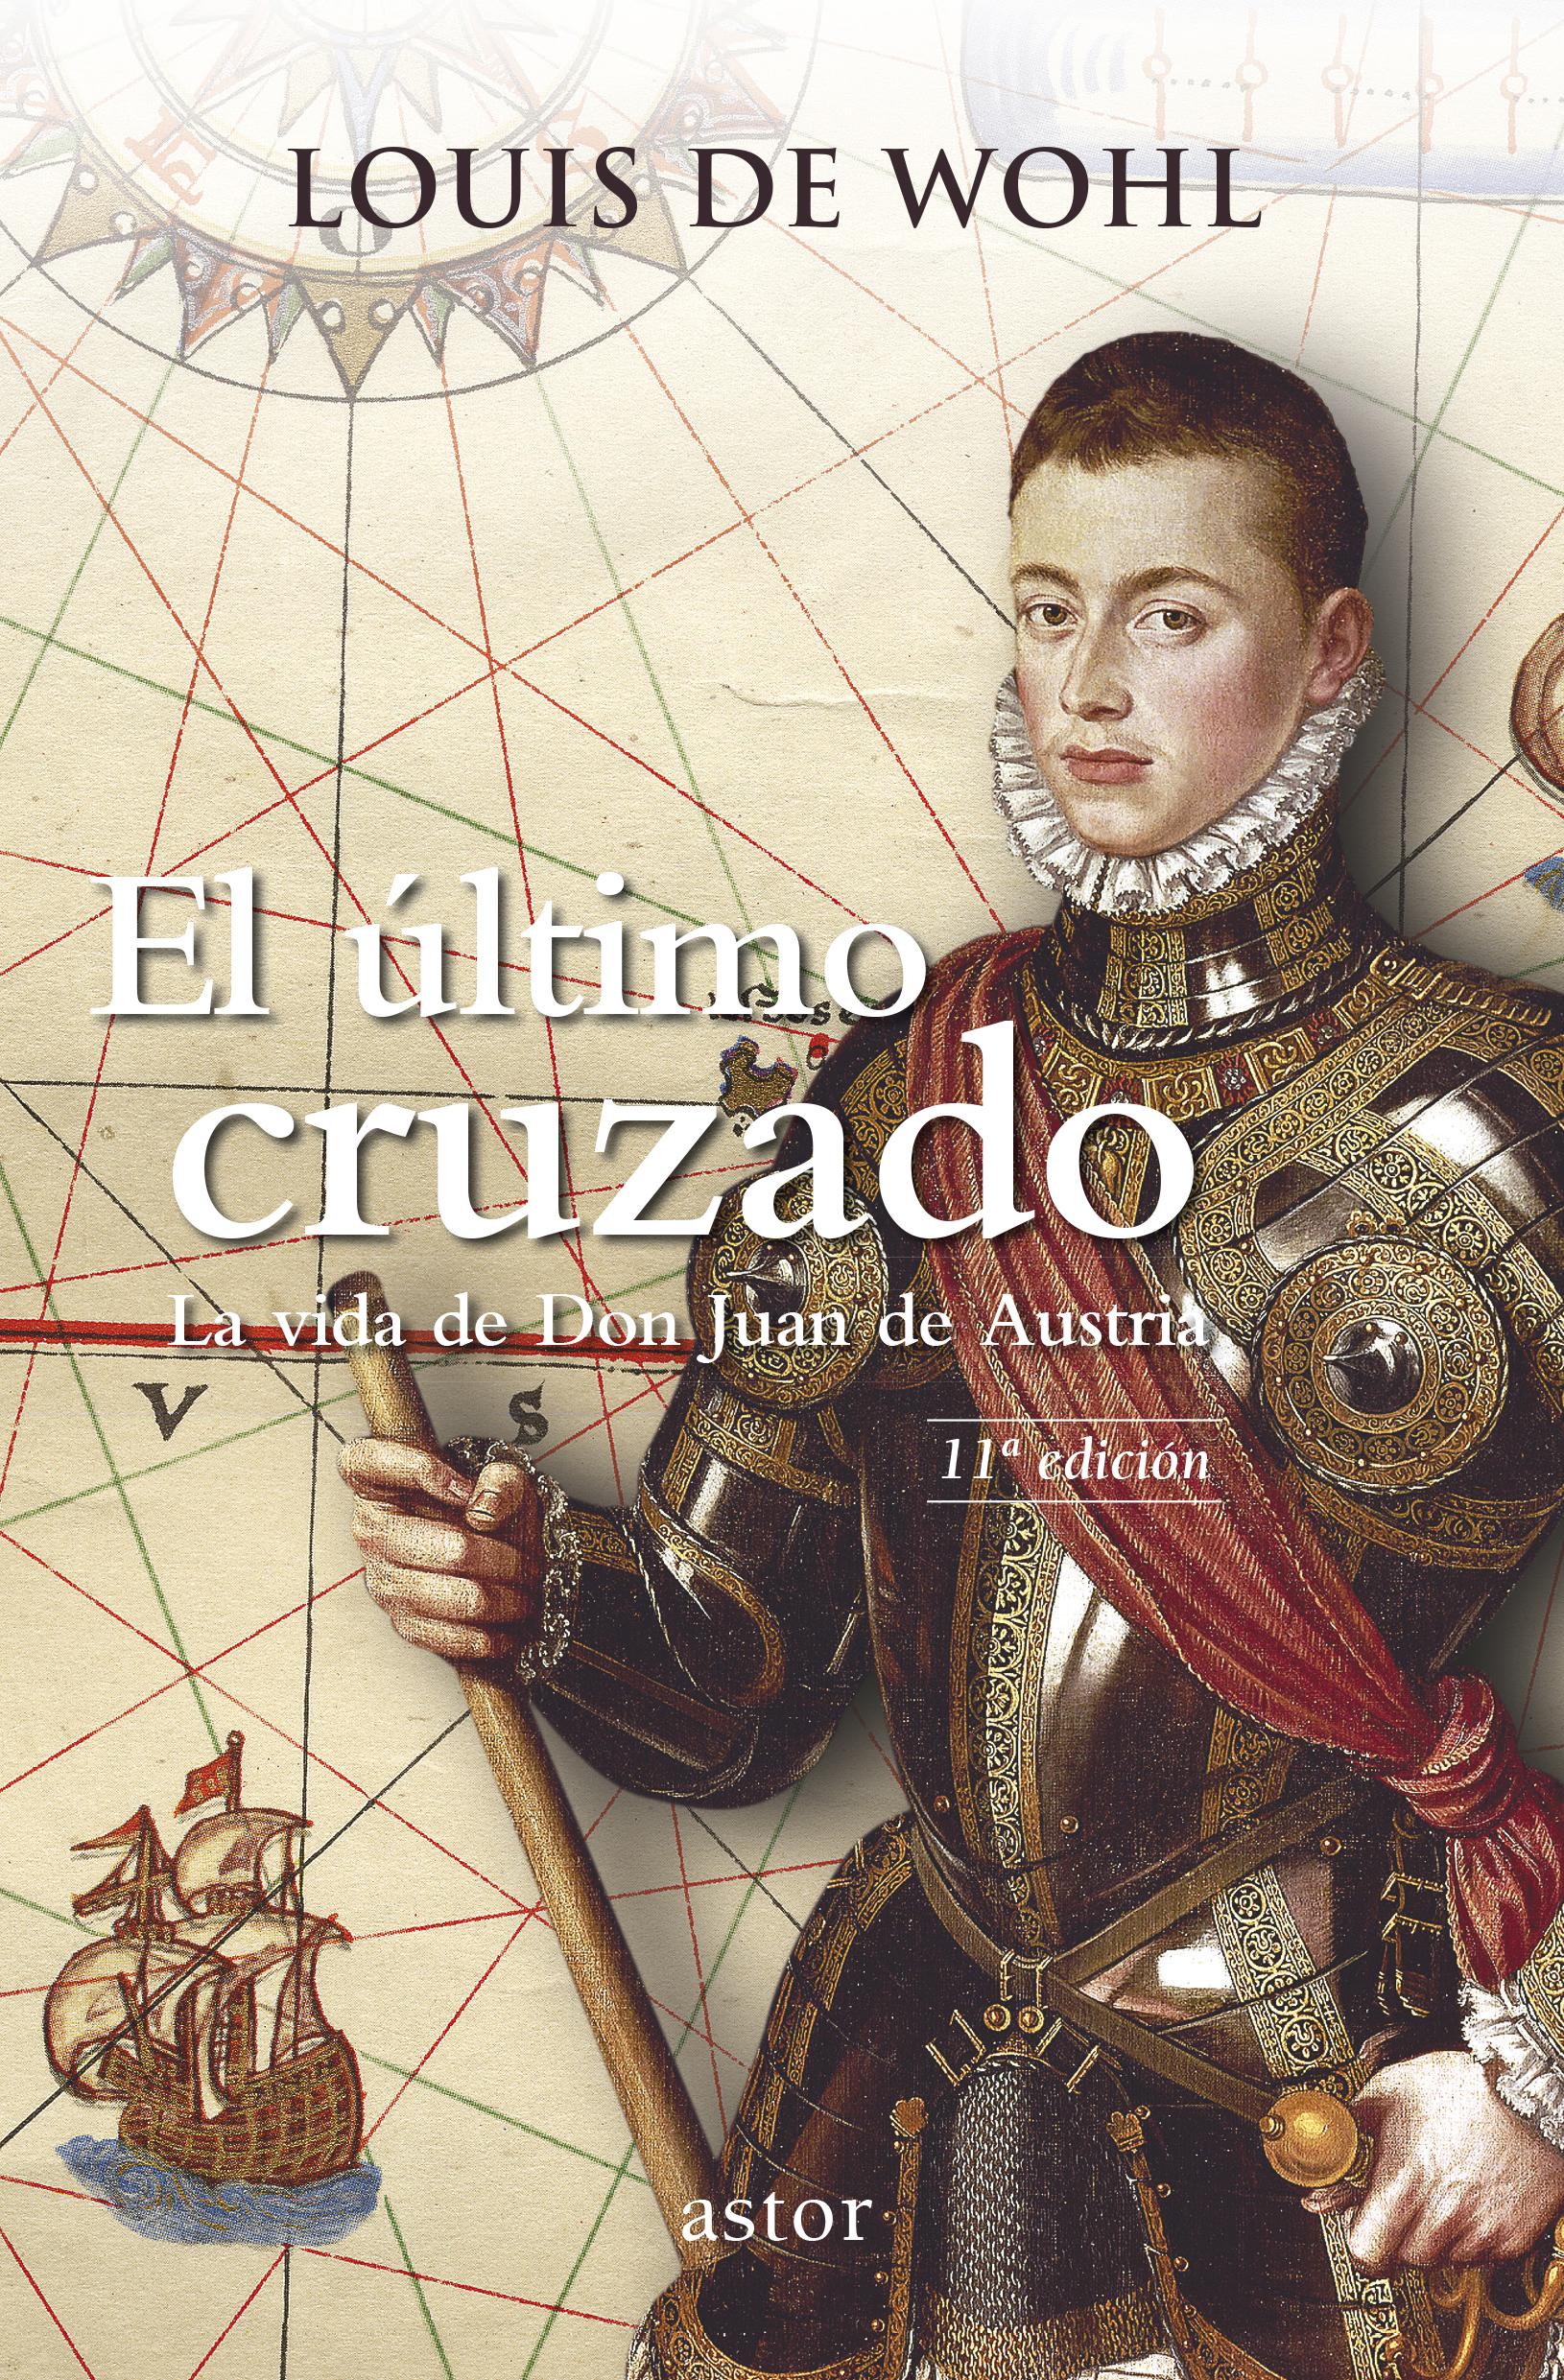 Libro: El último cruzado de Louis de Wohl